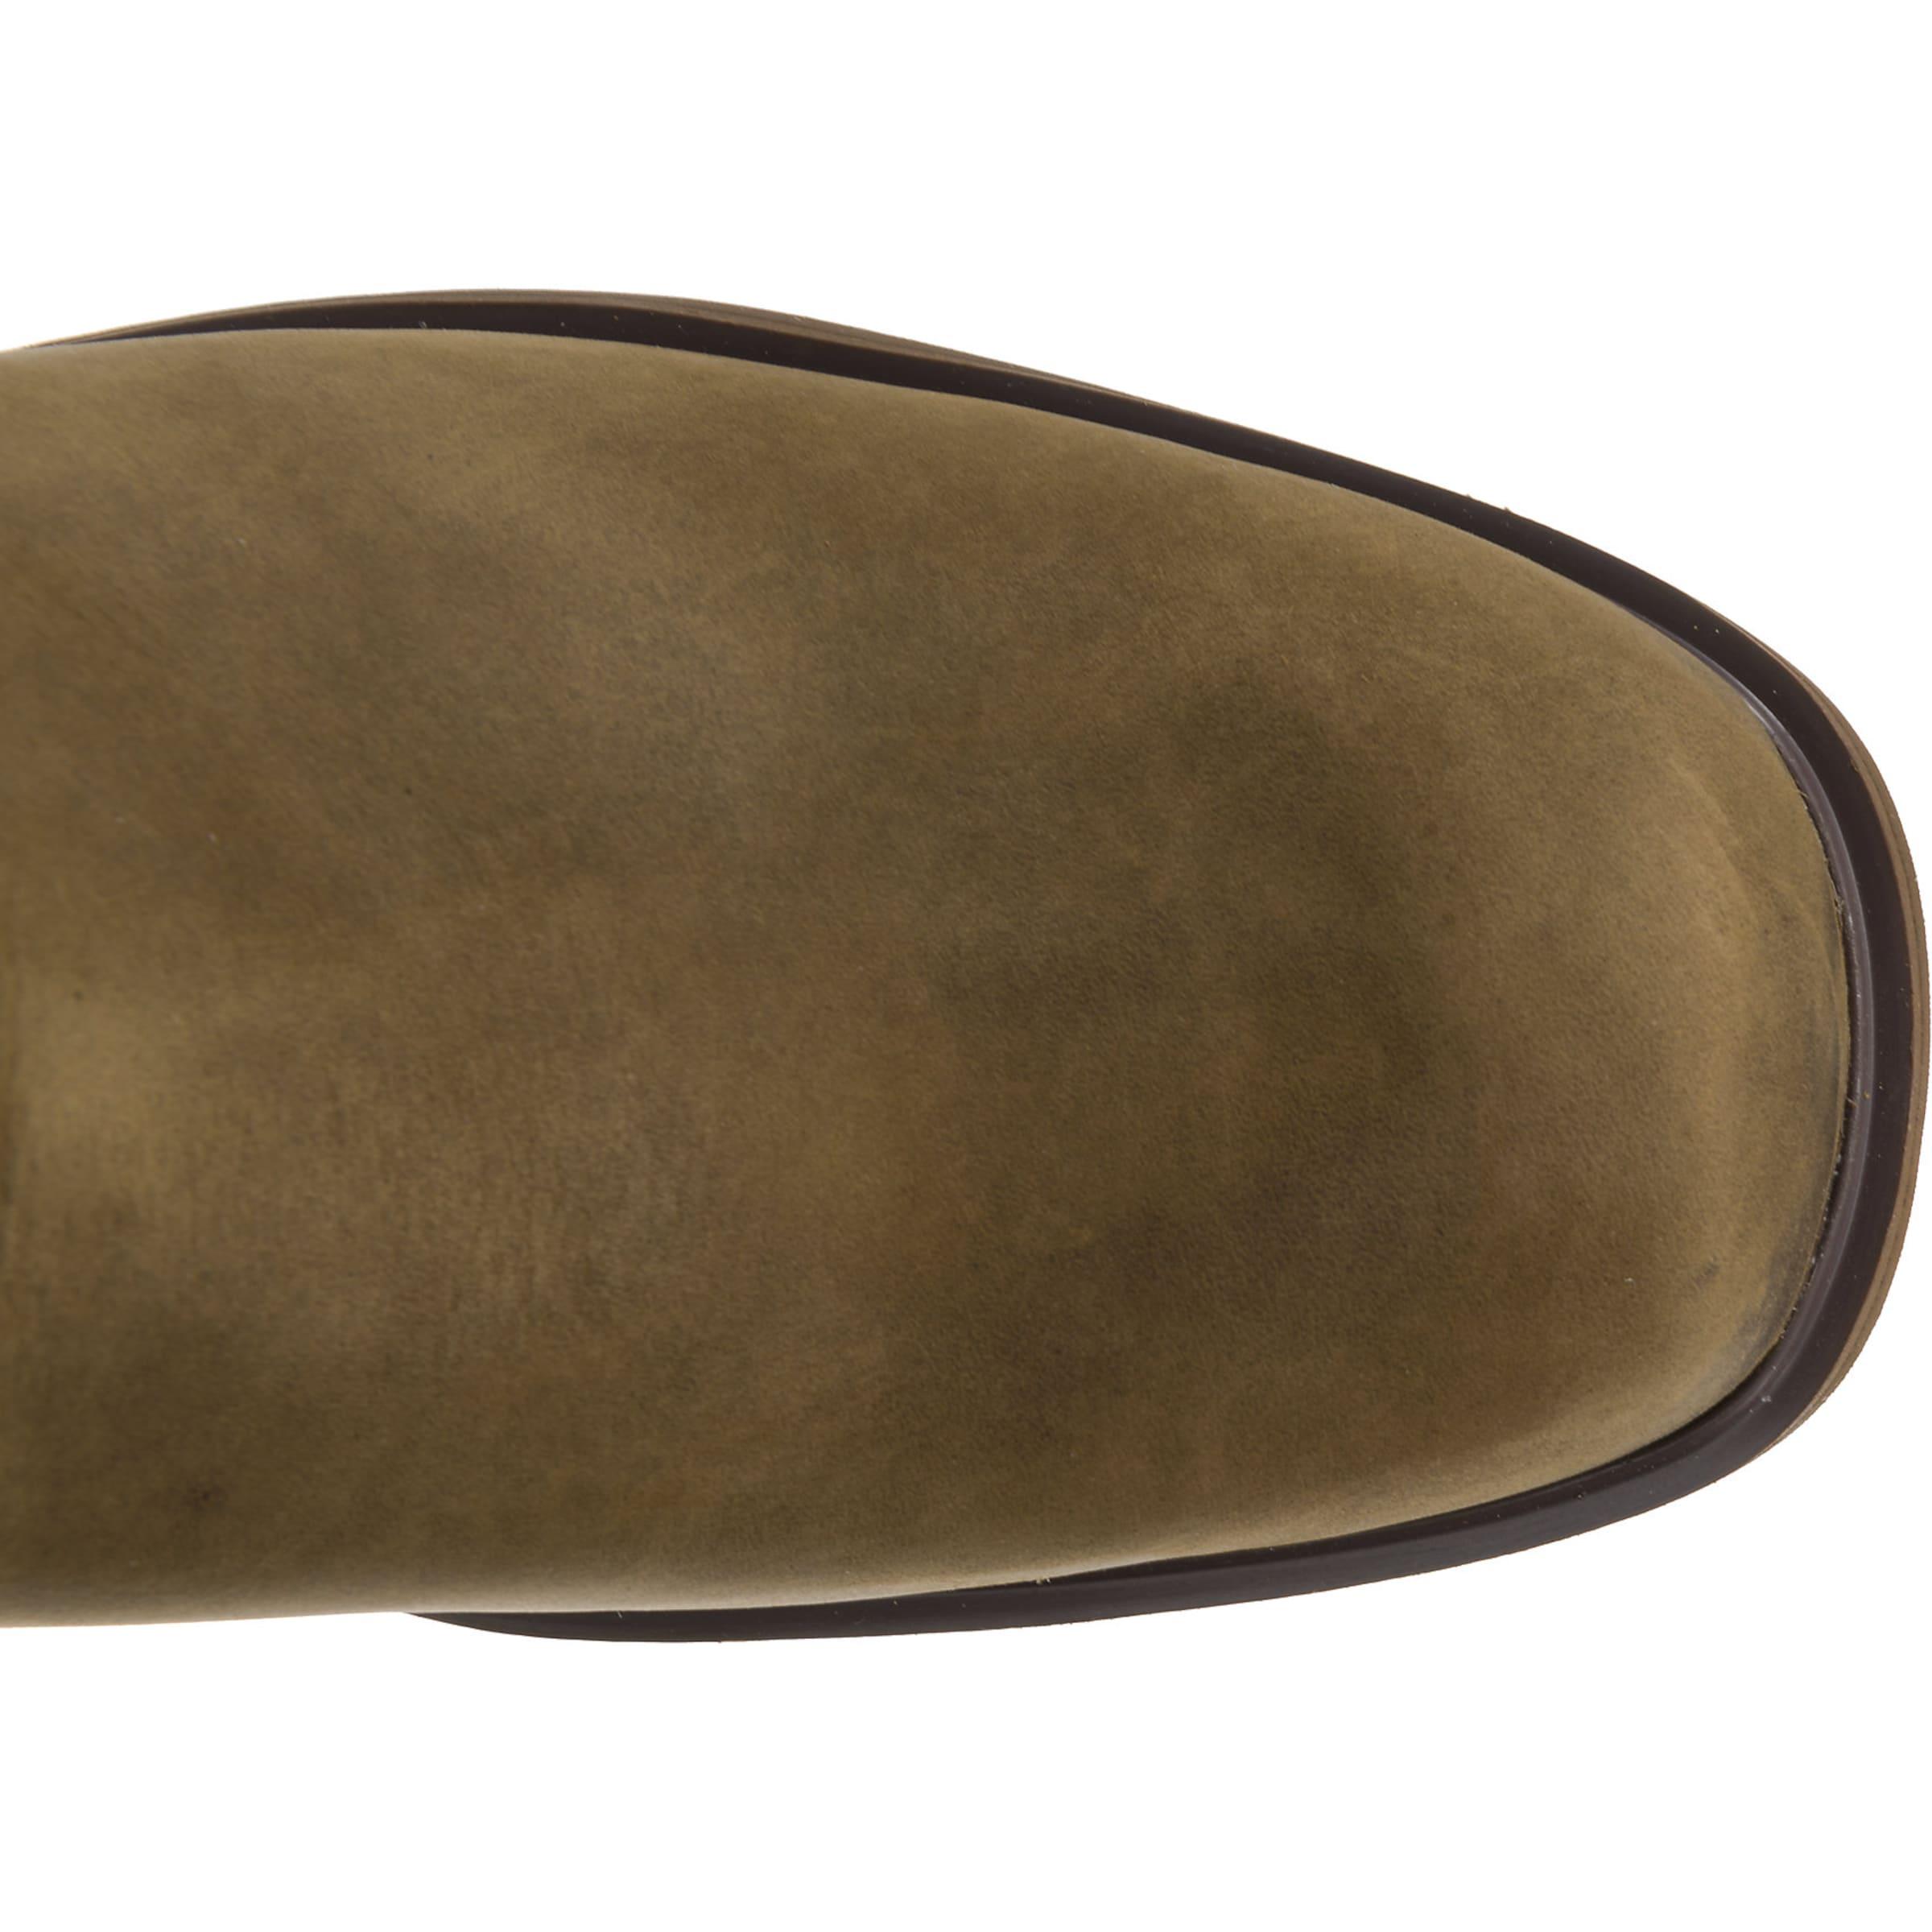 Boots' Boots In Biker Kochmann Braun 'missouri 5jcAL3RSq4